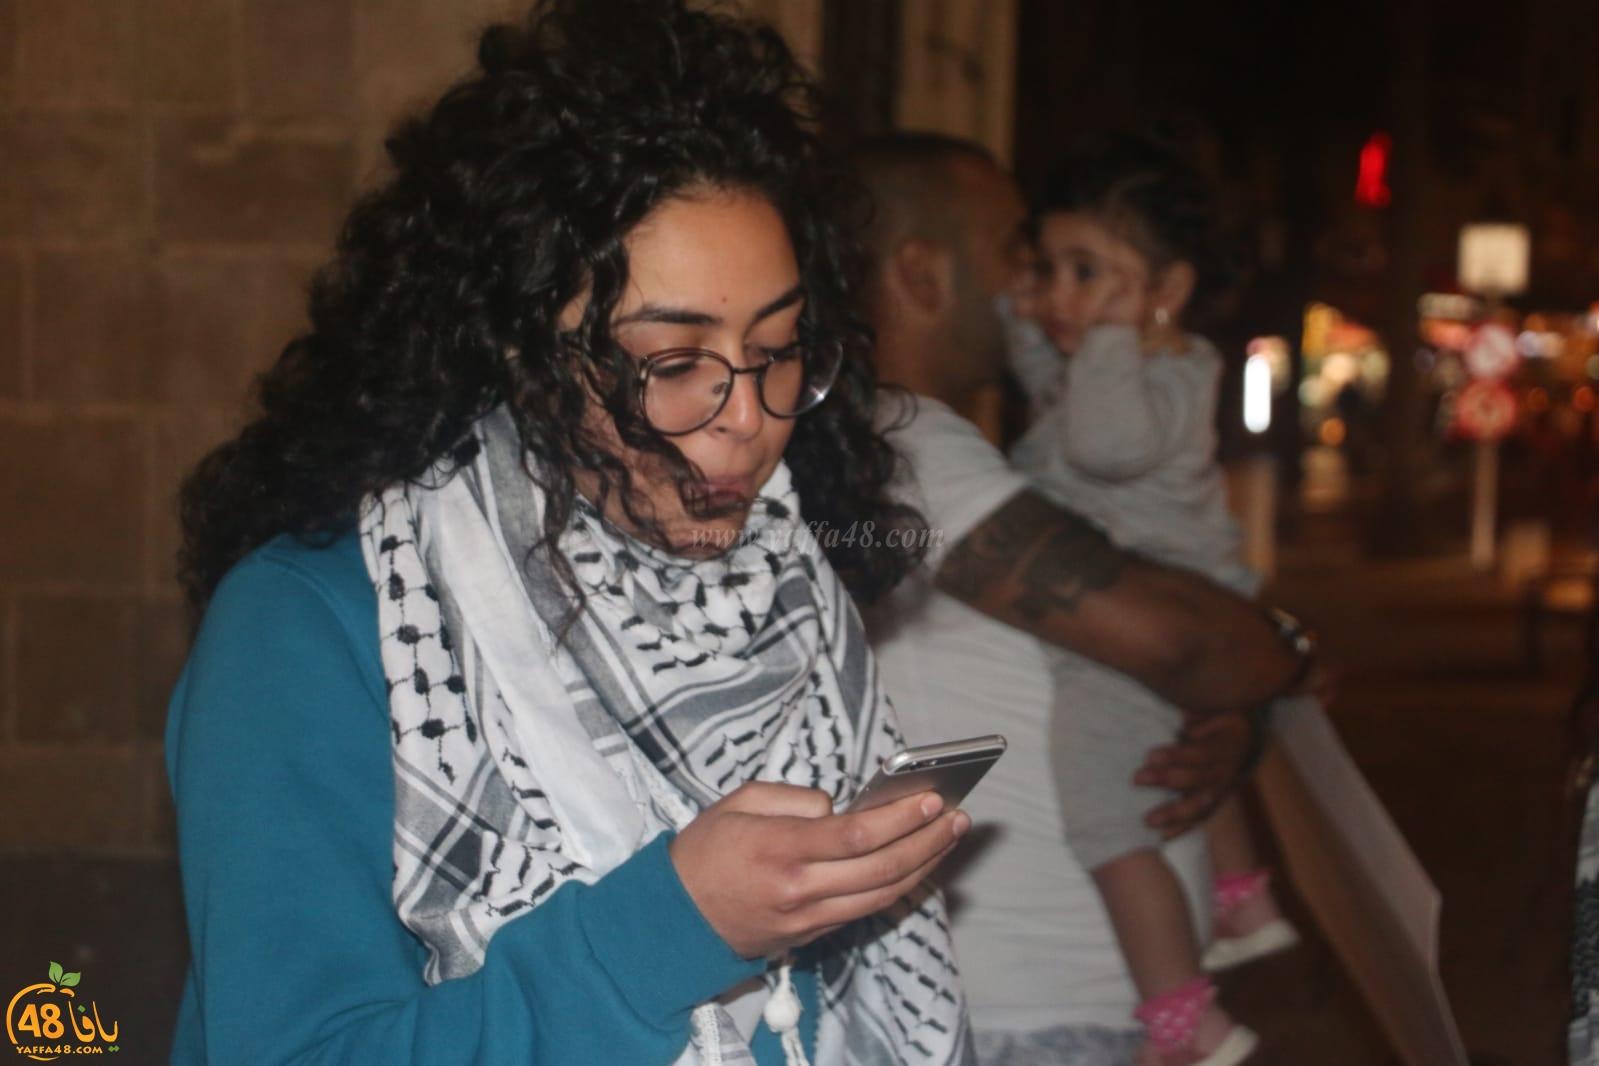 صور: للمرة الرابعة - أهالي يافا ينظمون وقفة تضامنية مع أهالي قطاع غزة المحاصر